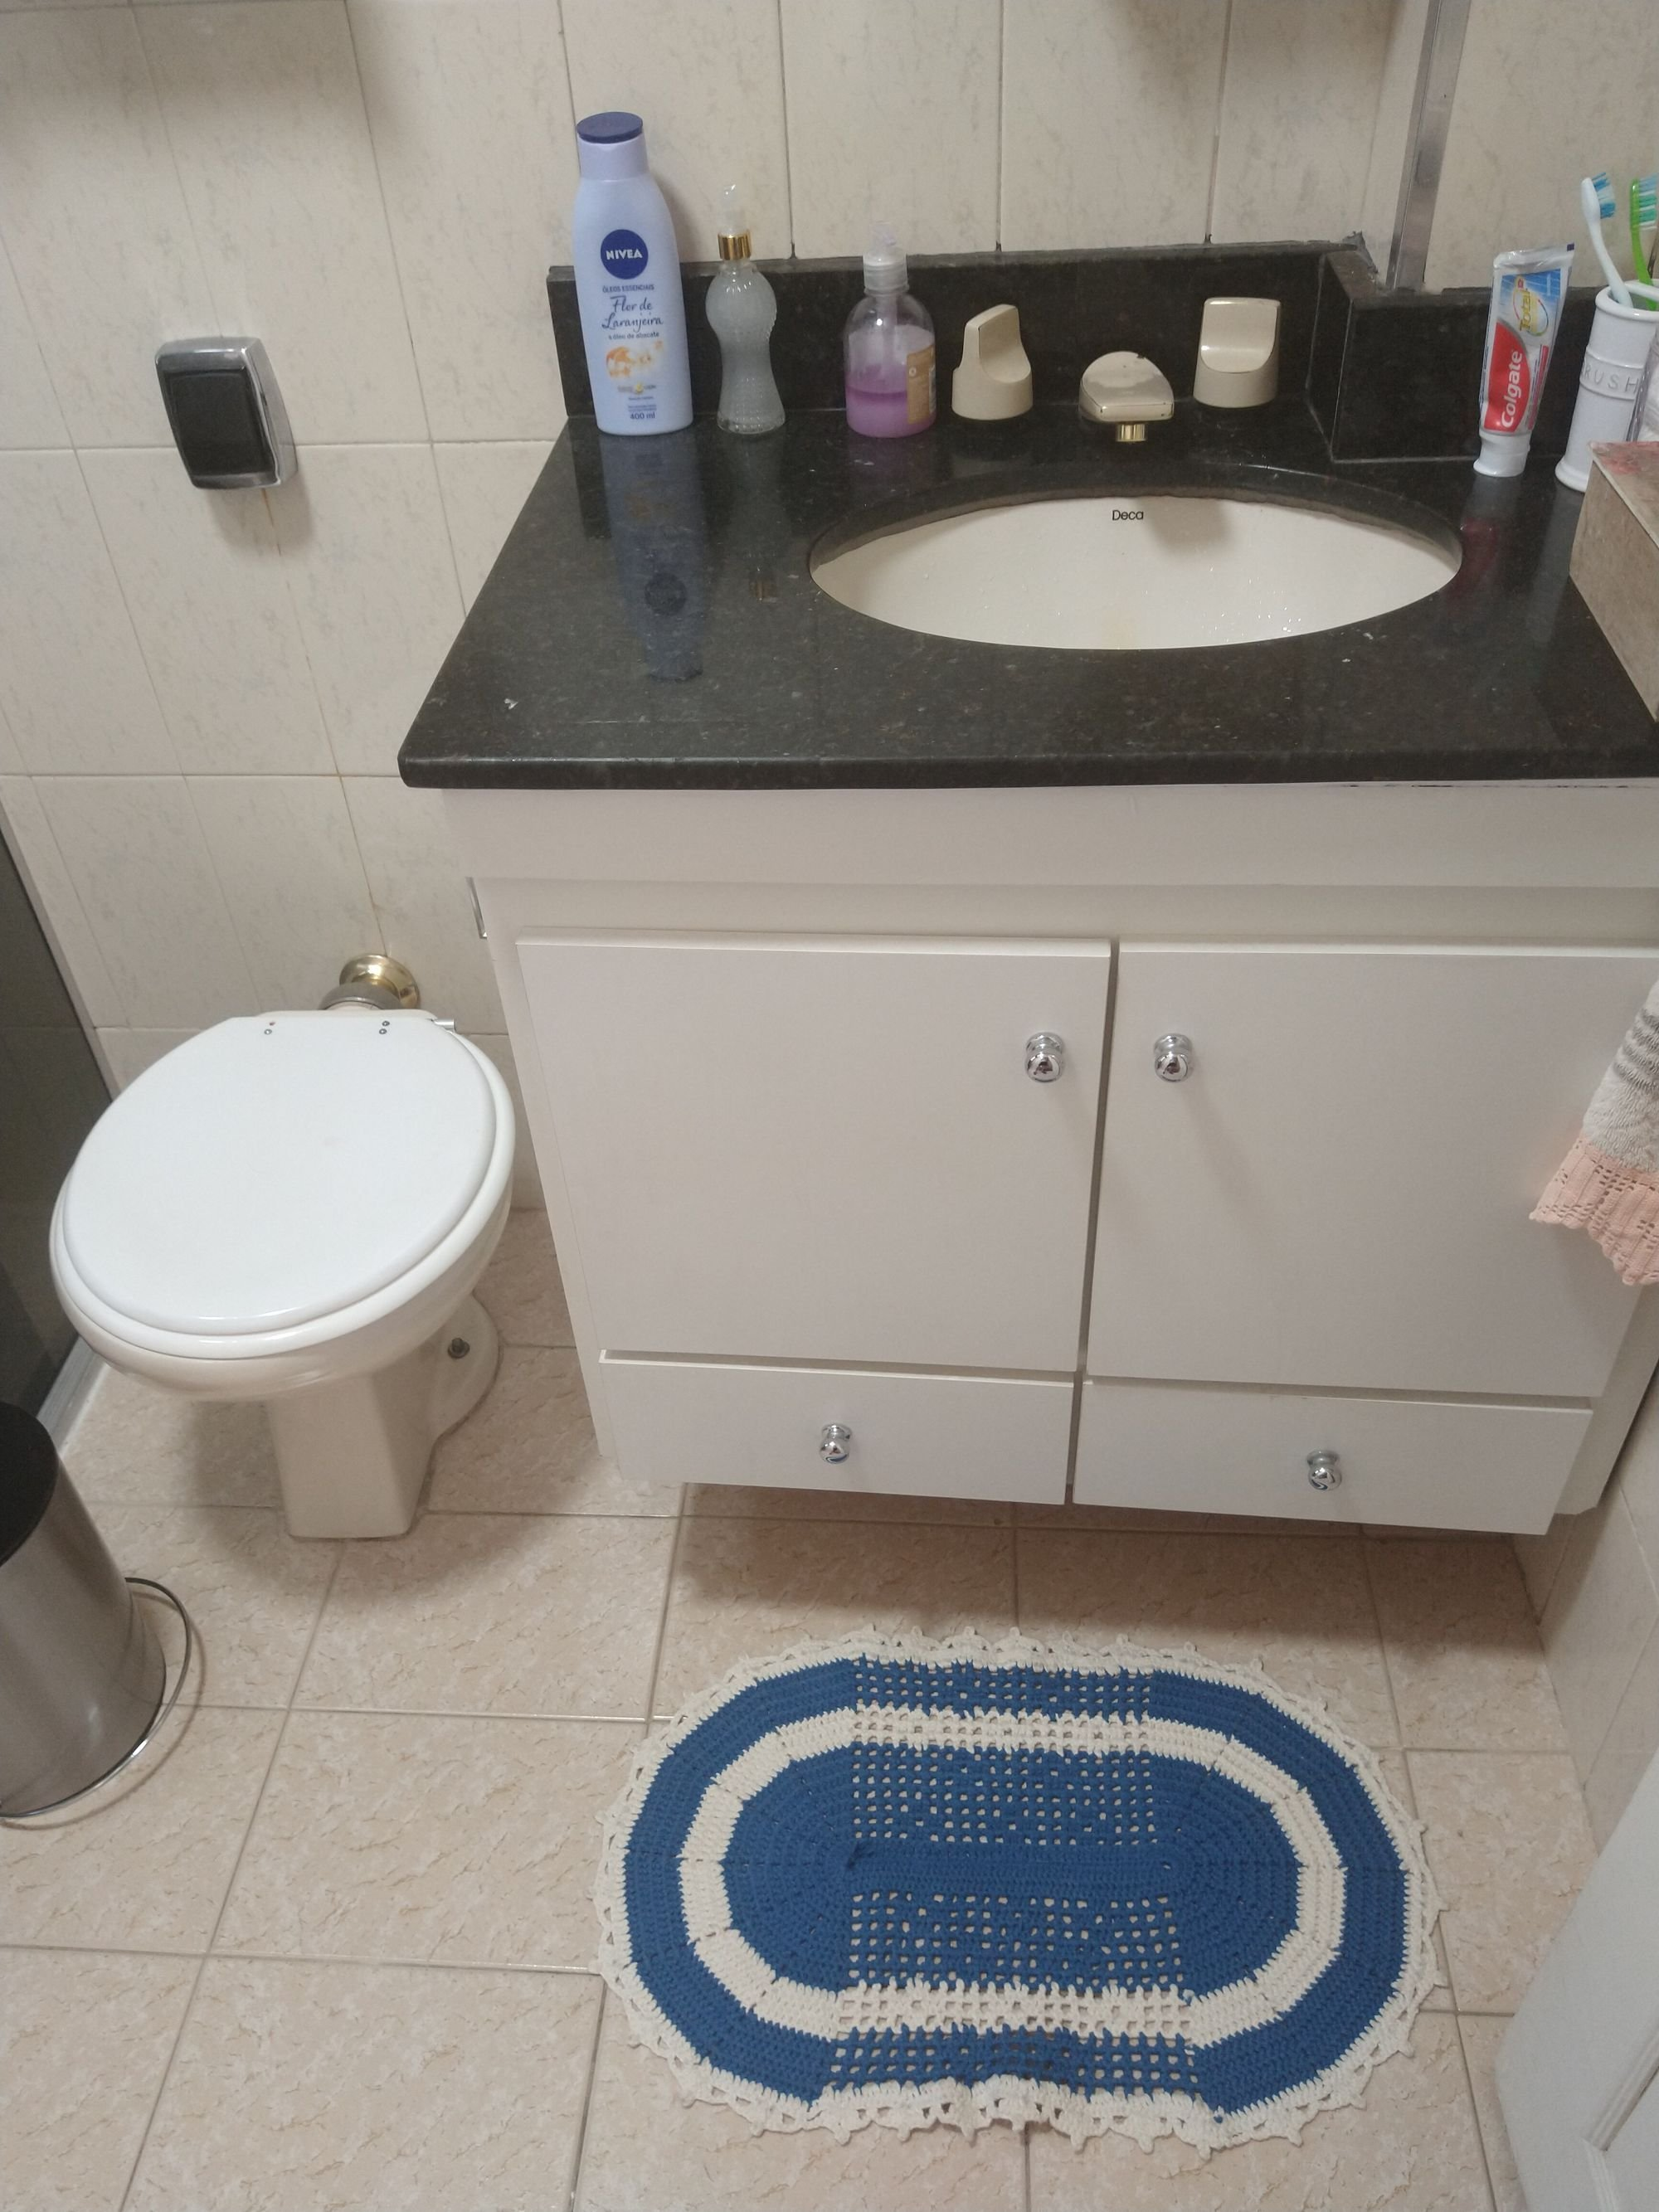 Foto de Banheiro com escova de dente, vaso sanitário, garrafa, pia